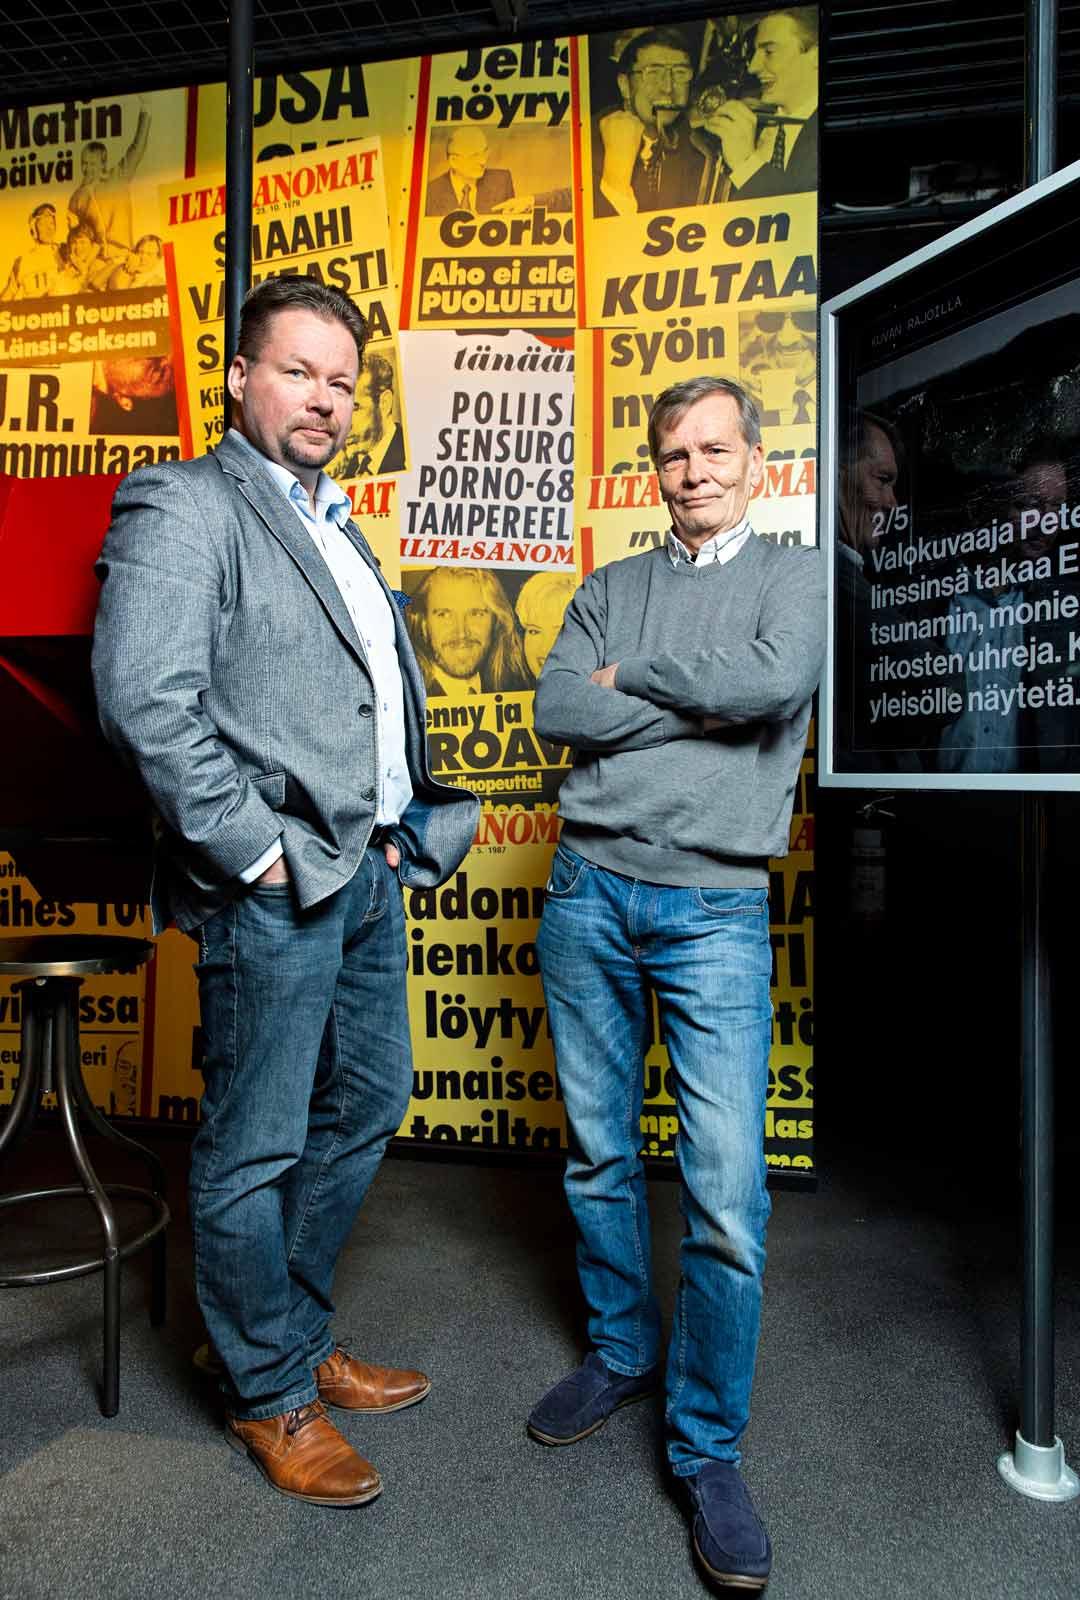 Peter Jansson ja Pasi Kivioja.